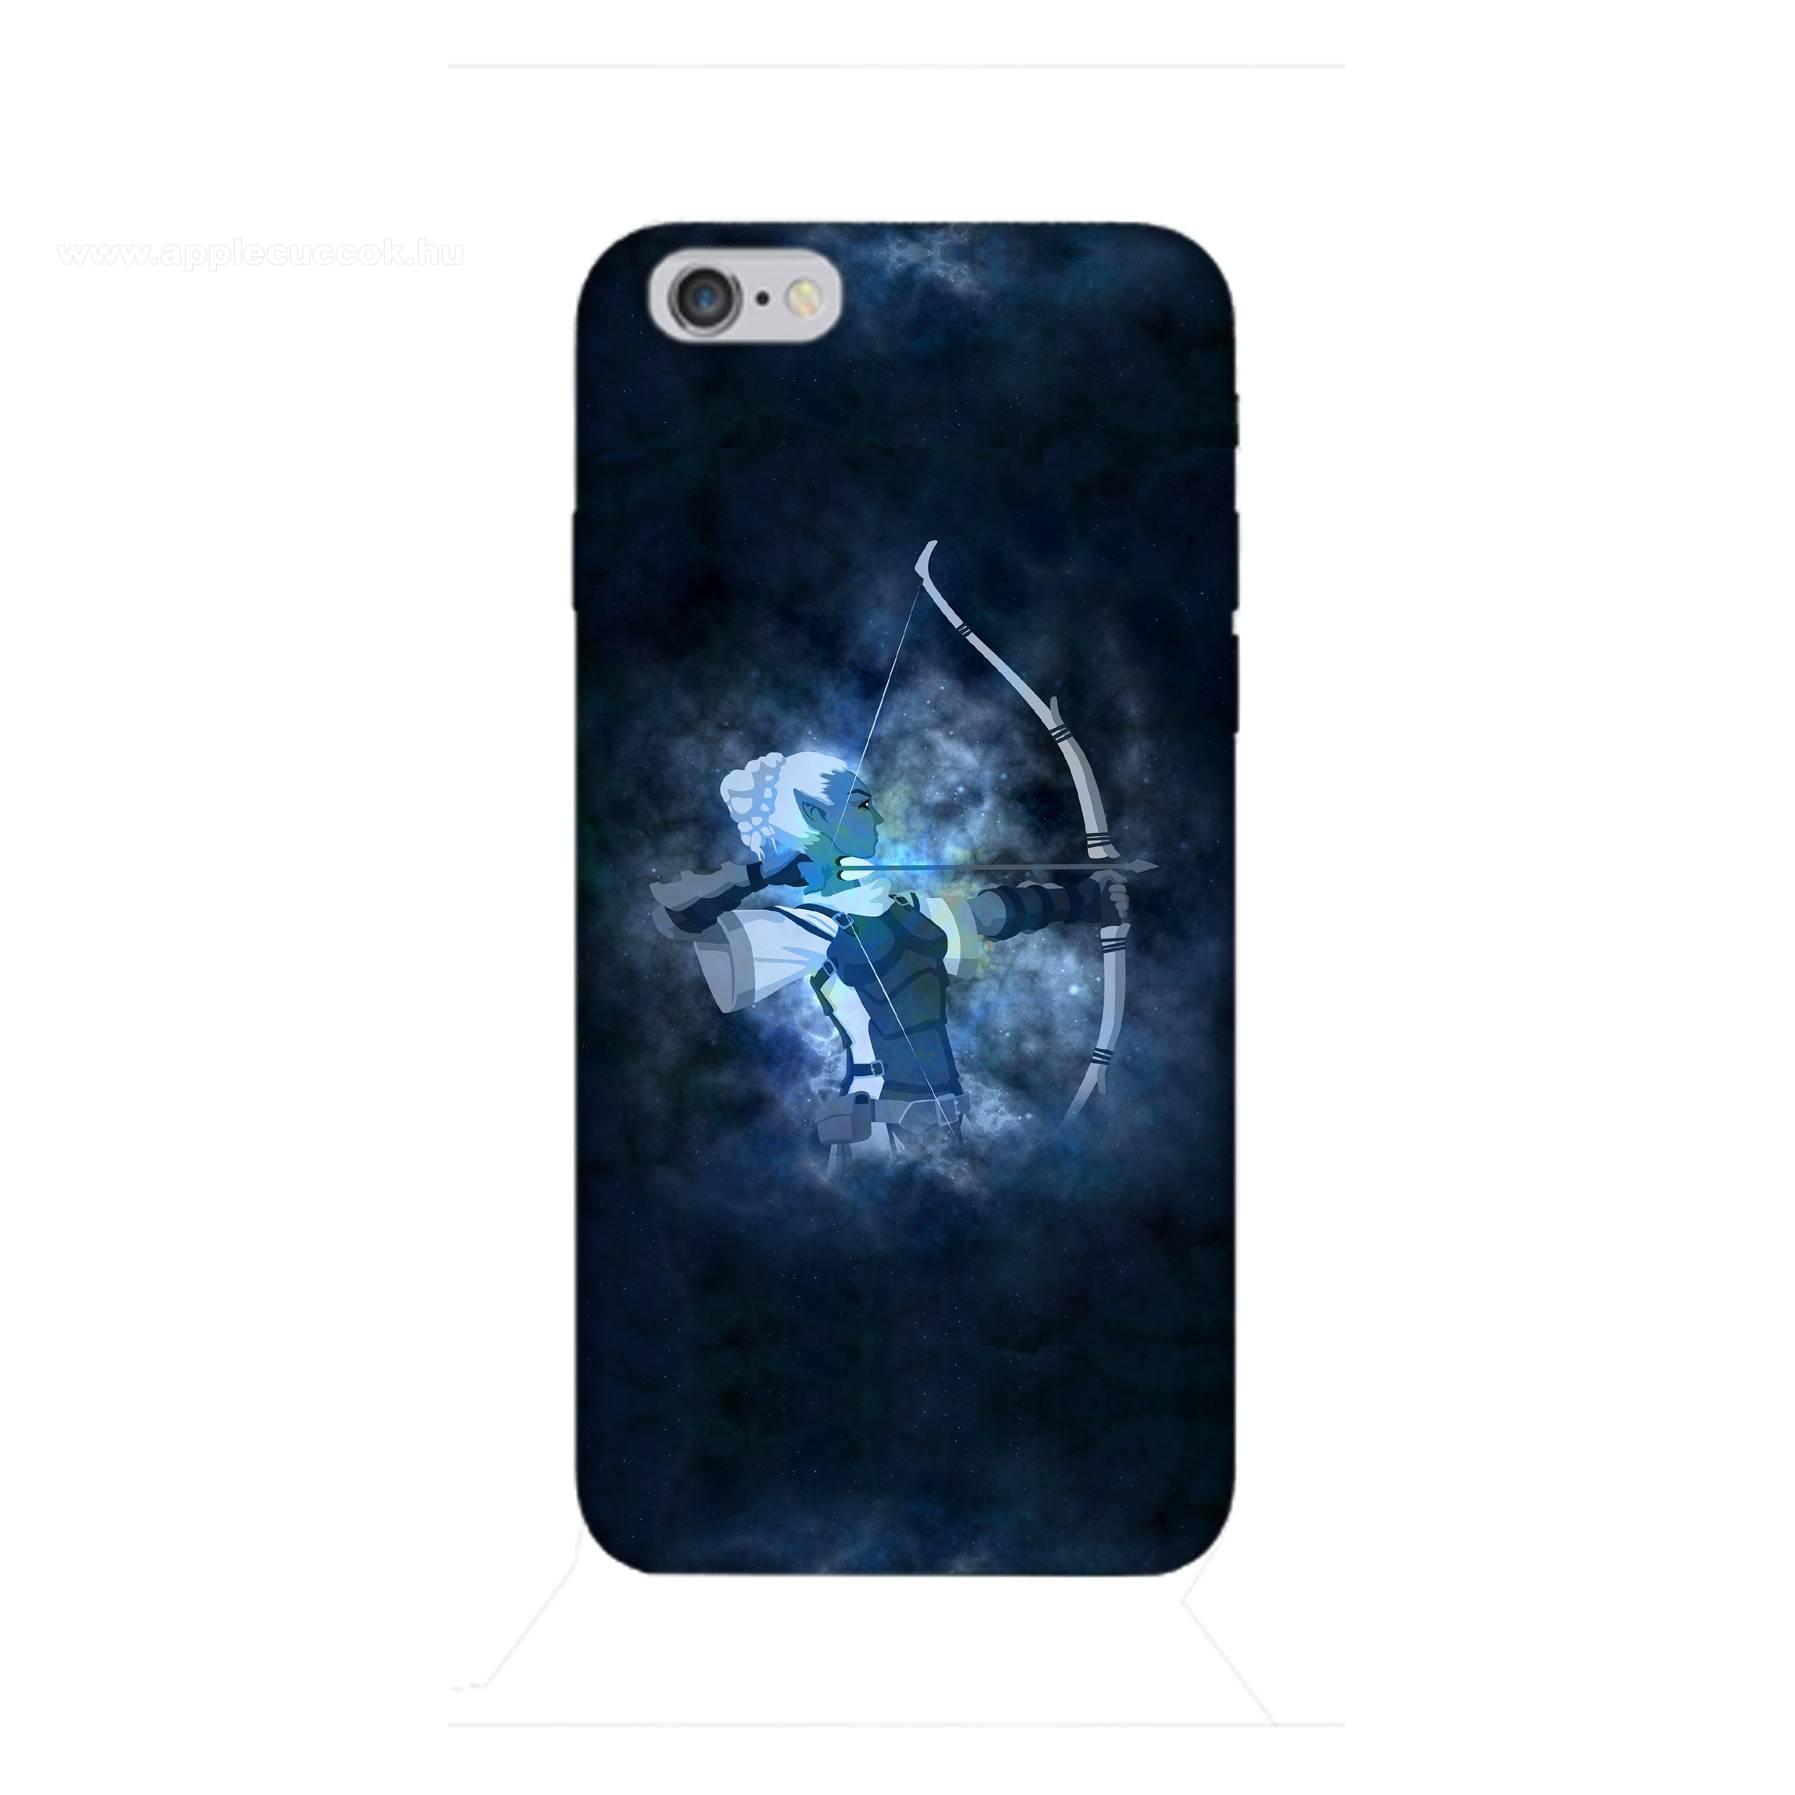 E-pic szilikon védő tok / hátlap - Horoszkóp, Nyilas mintás - APPLE iPhone 6 / APPLE iPhone 6s